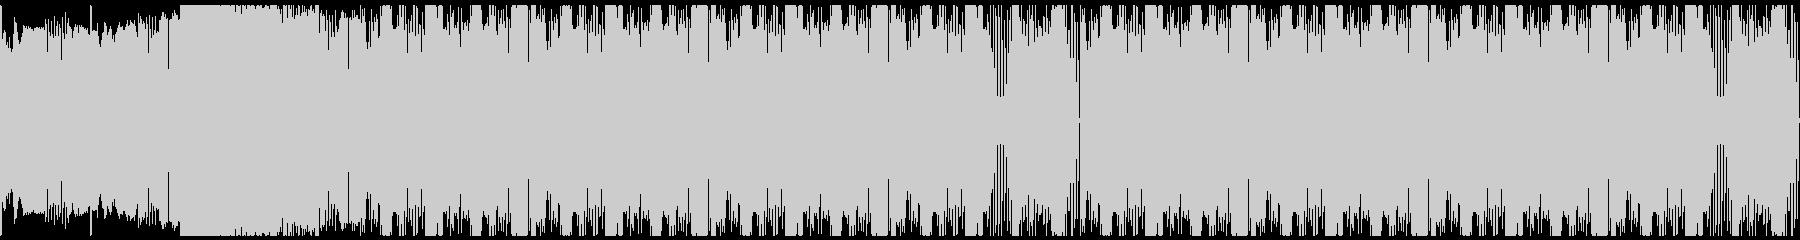 【ド派手なシンセサウンド/ダブステップ】の未再生の波形